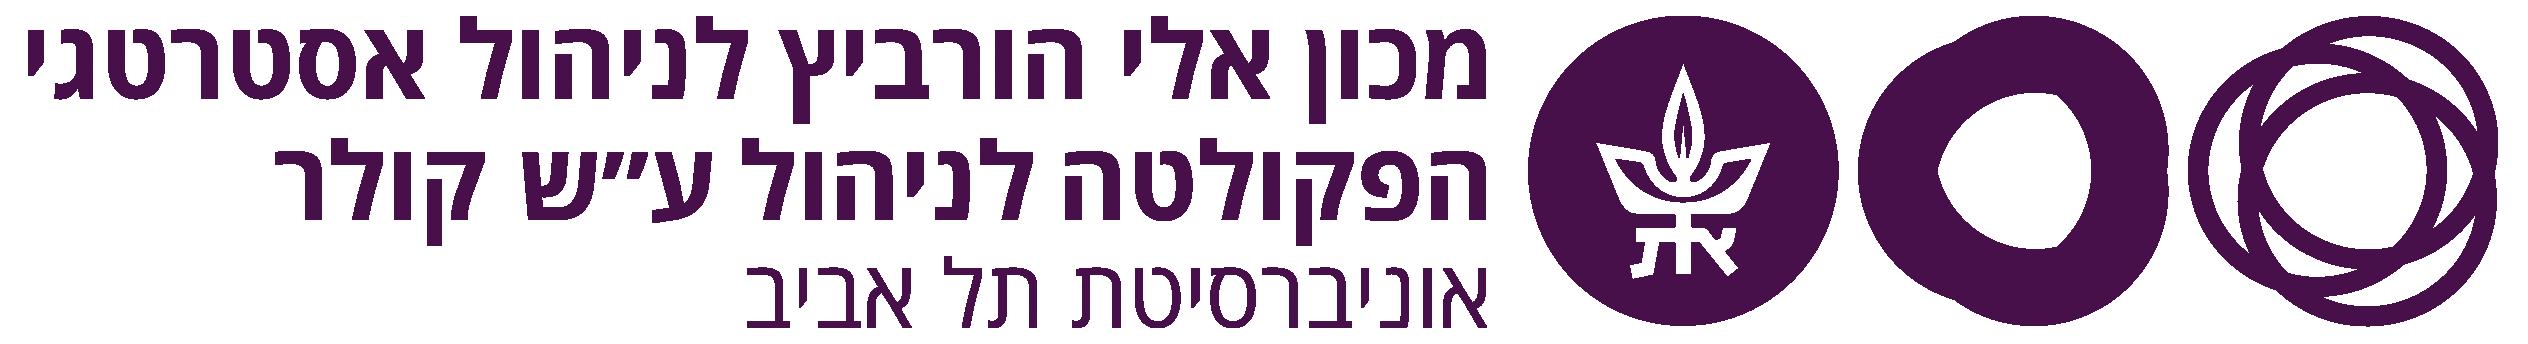 מכון אלי הורביץ לניהול אסטרטגי לוגו